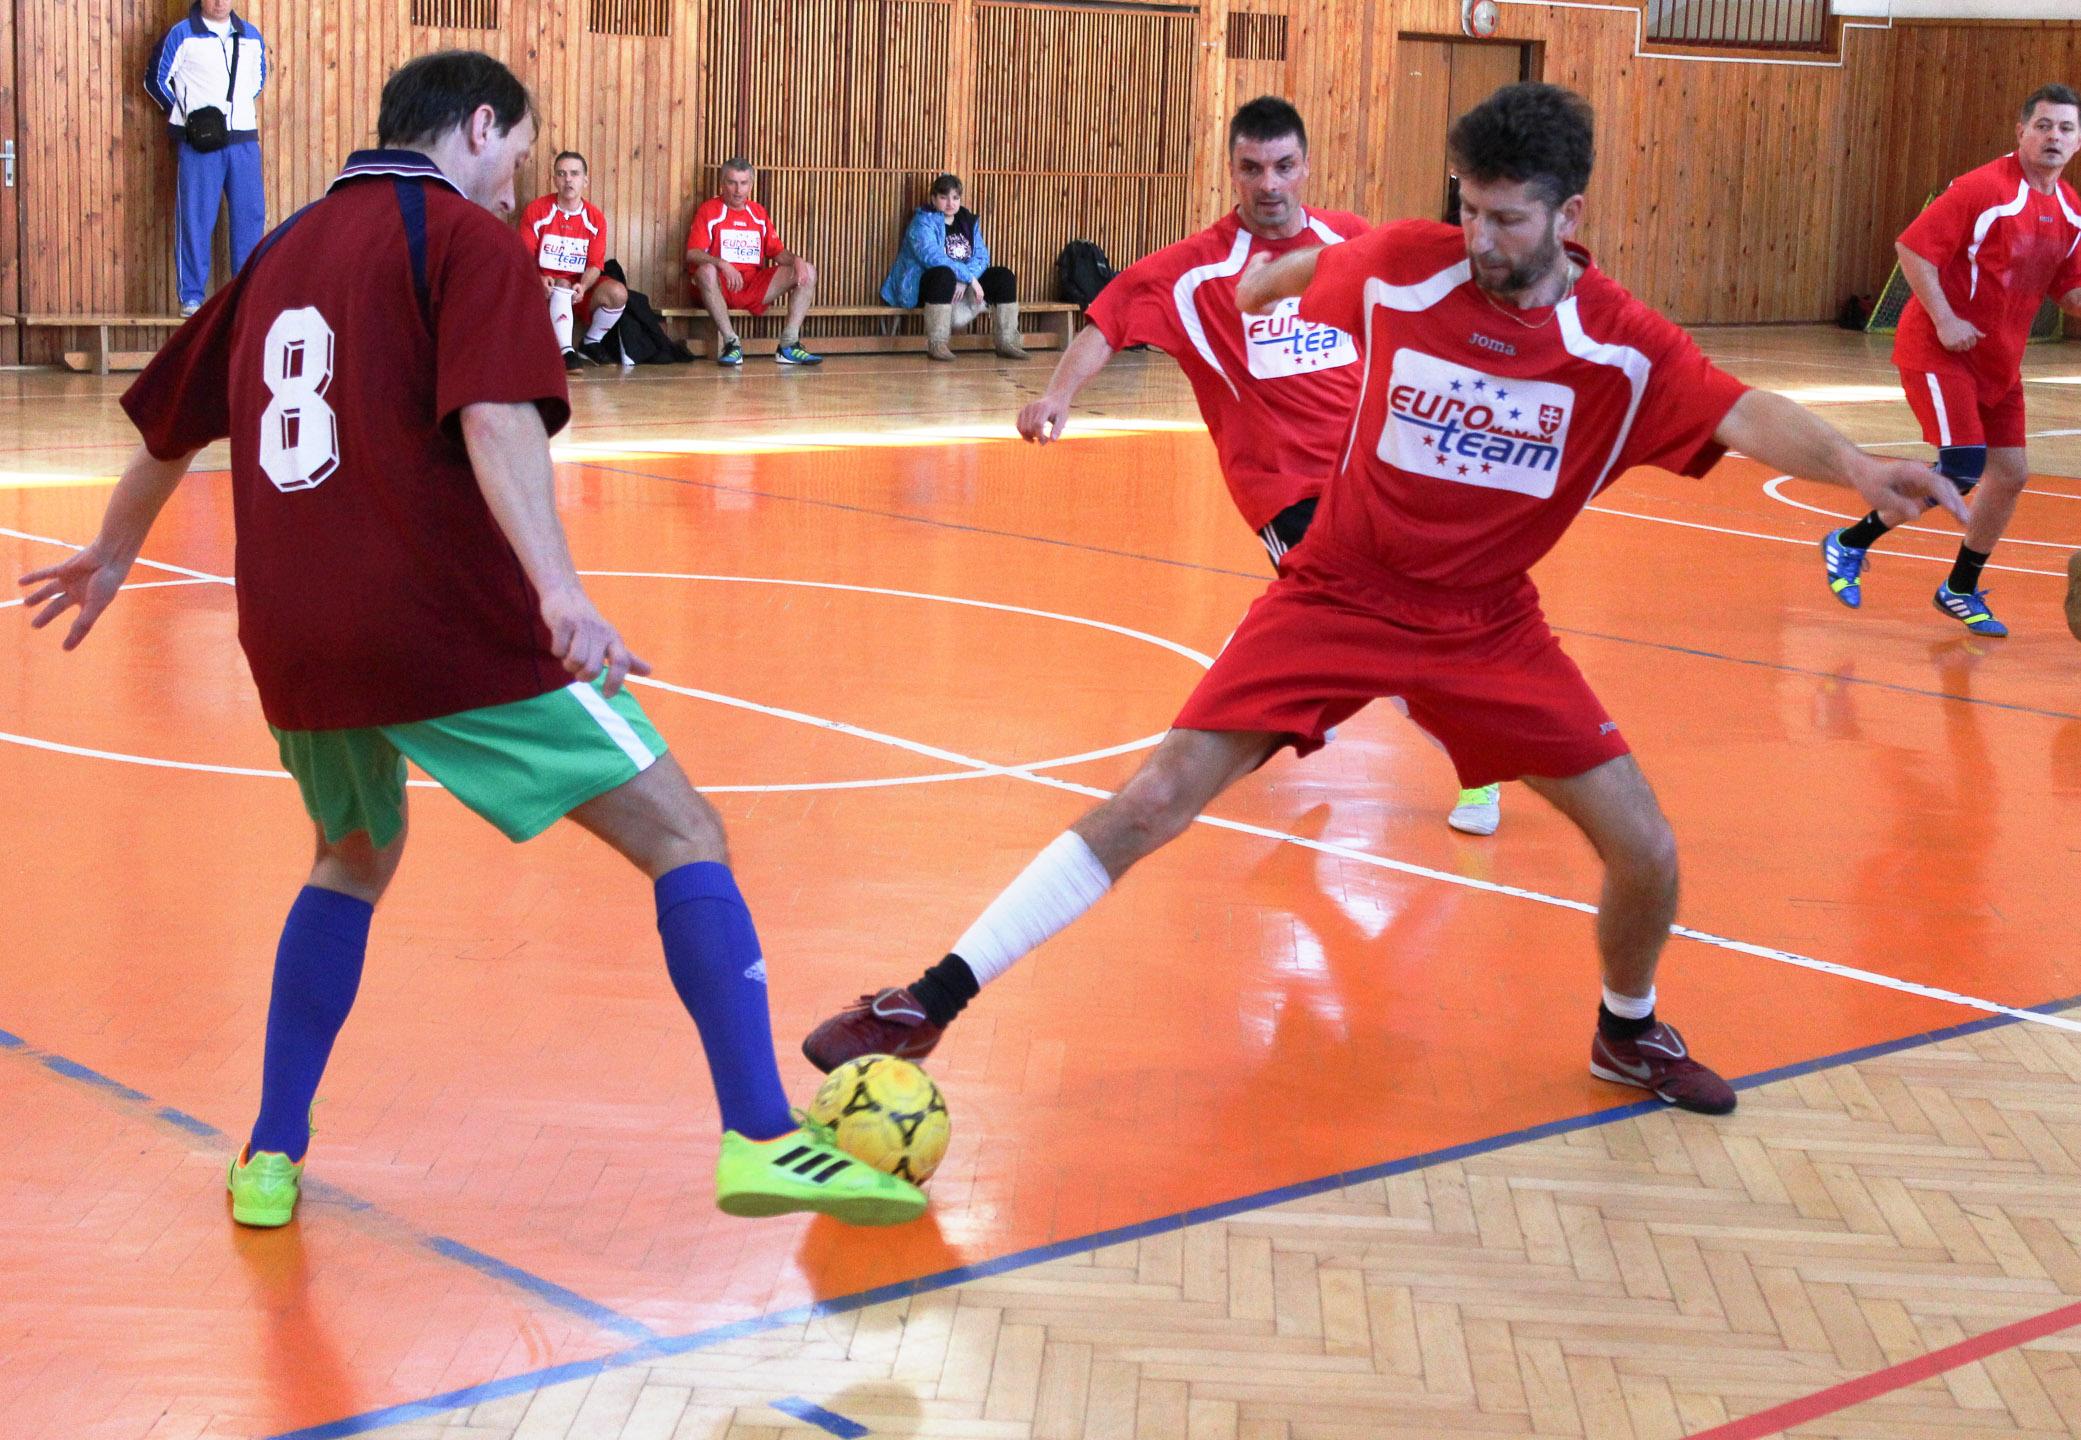 xanto-euroteam-liga-40-12-kolo-2